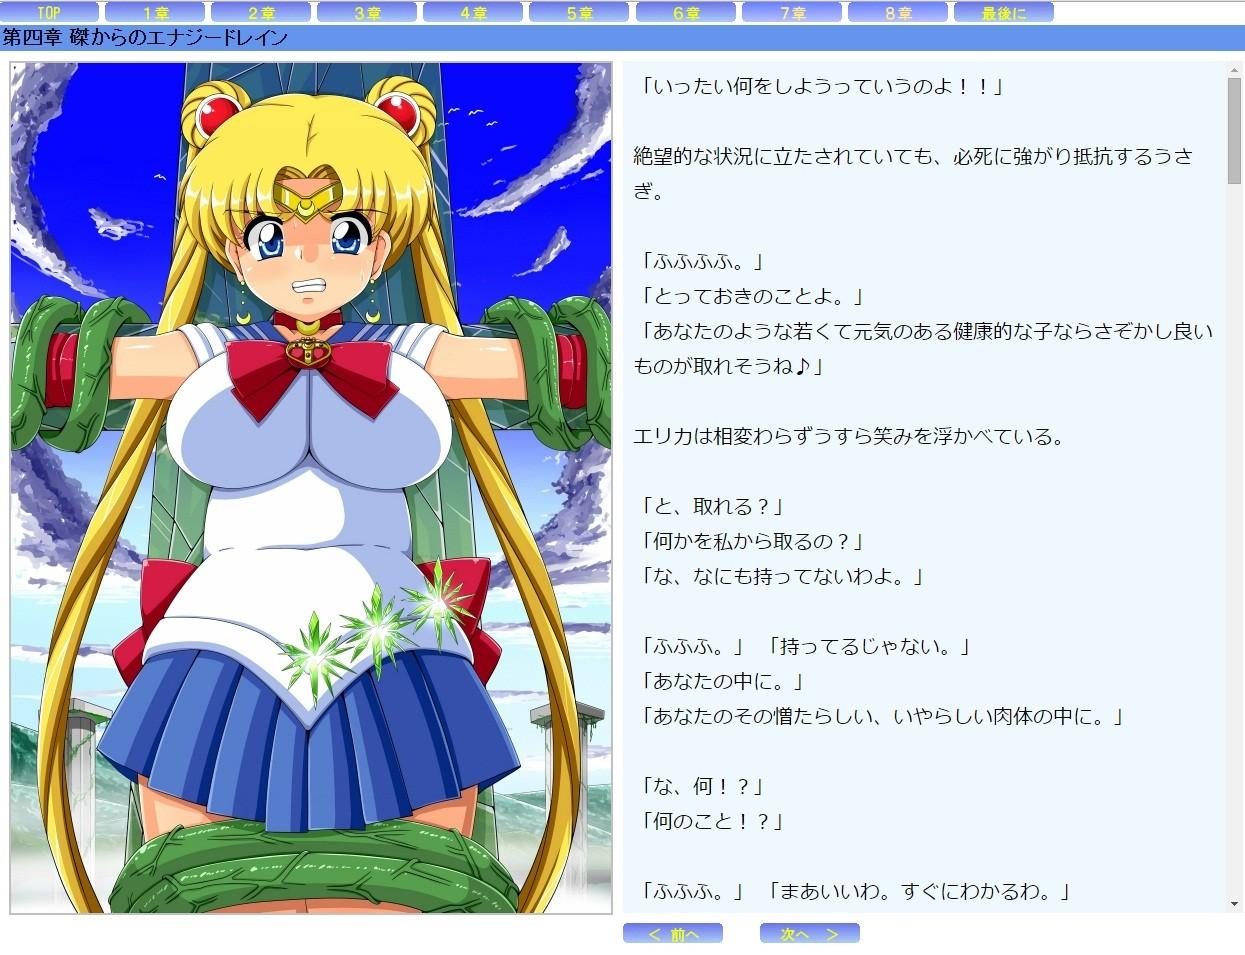 セーラー戦士うさぎ〜屈辱のエナジードレイン〜